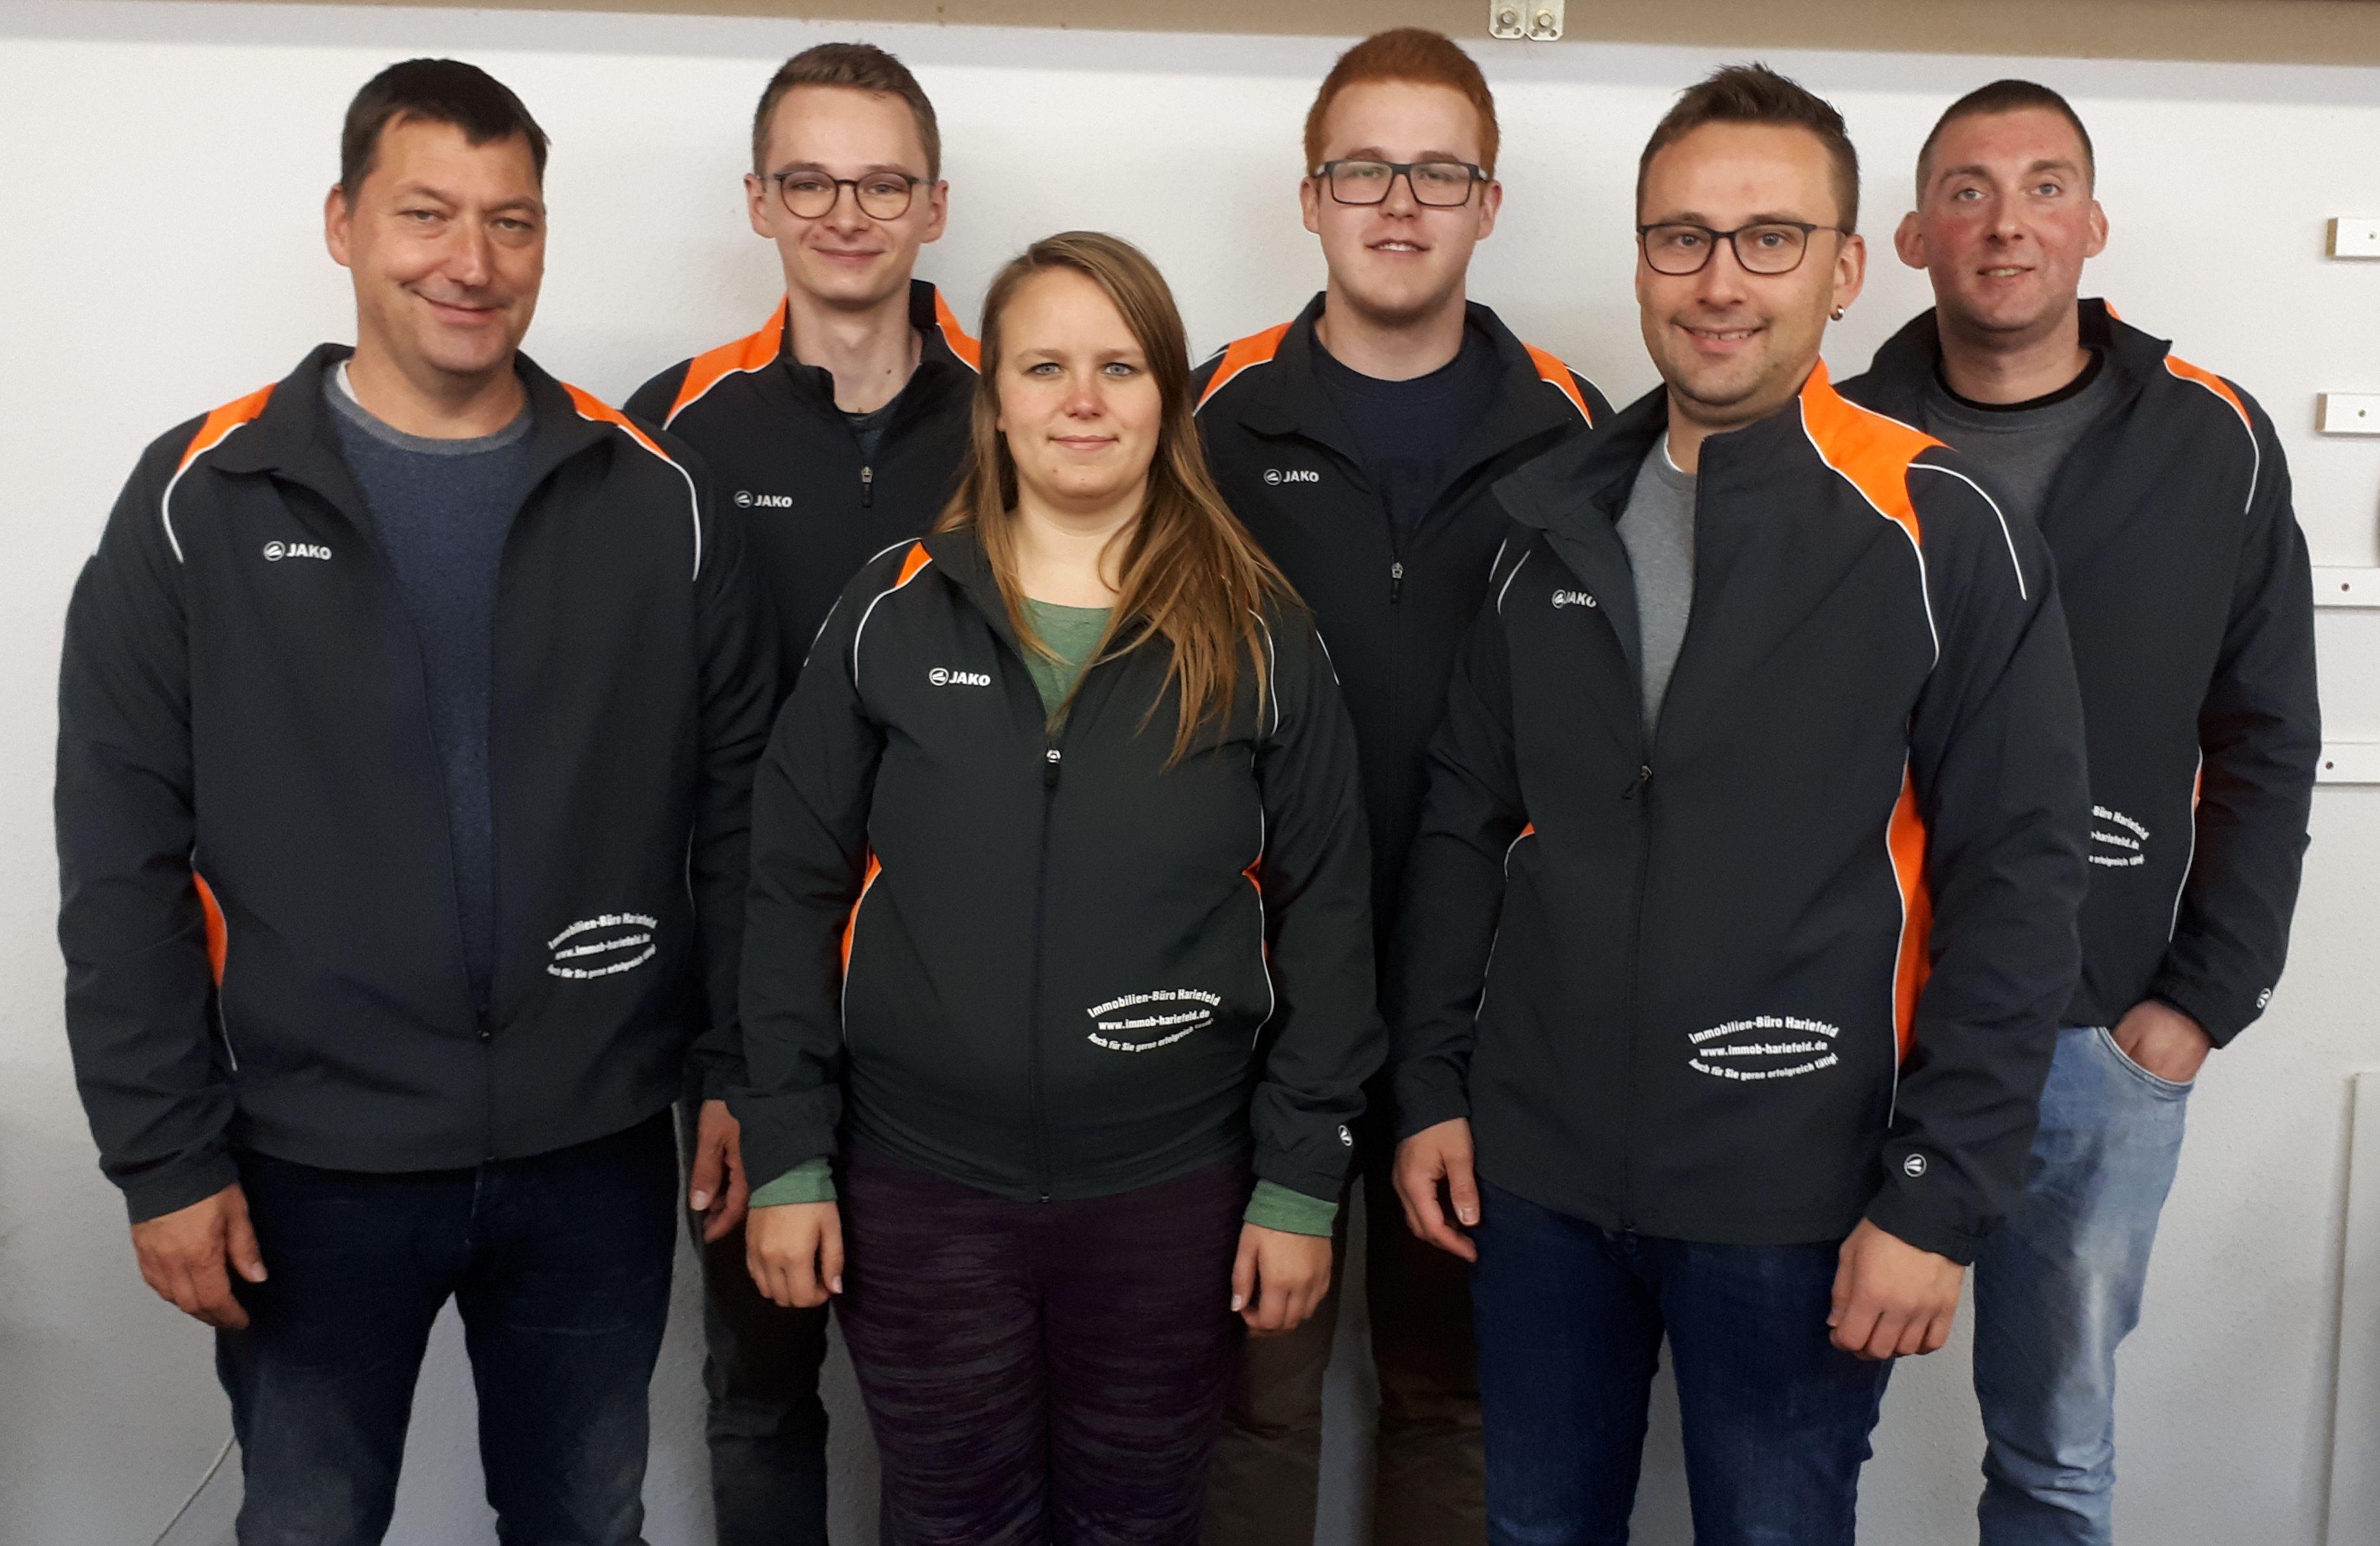 Bild der Mannschaft